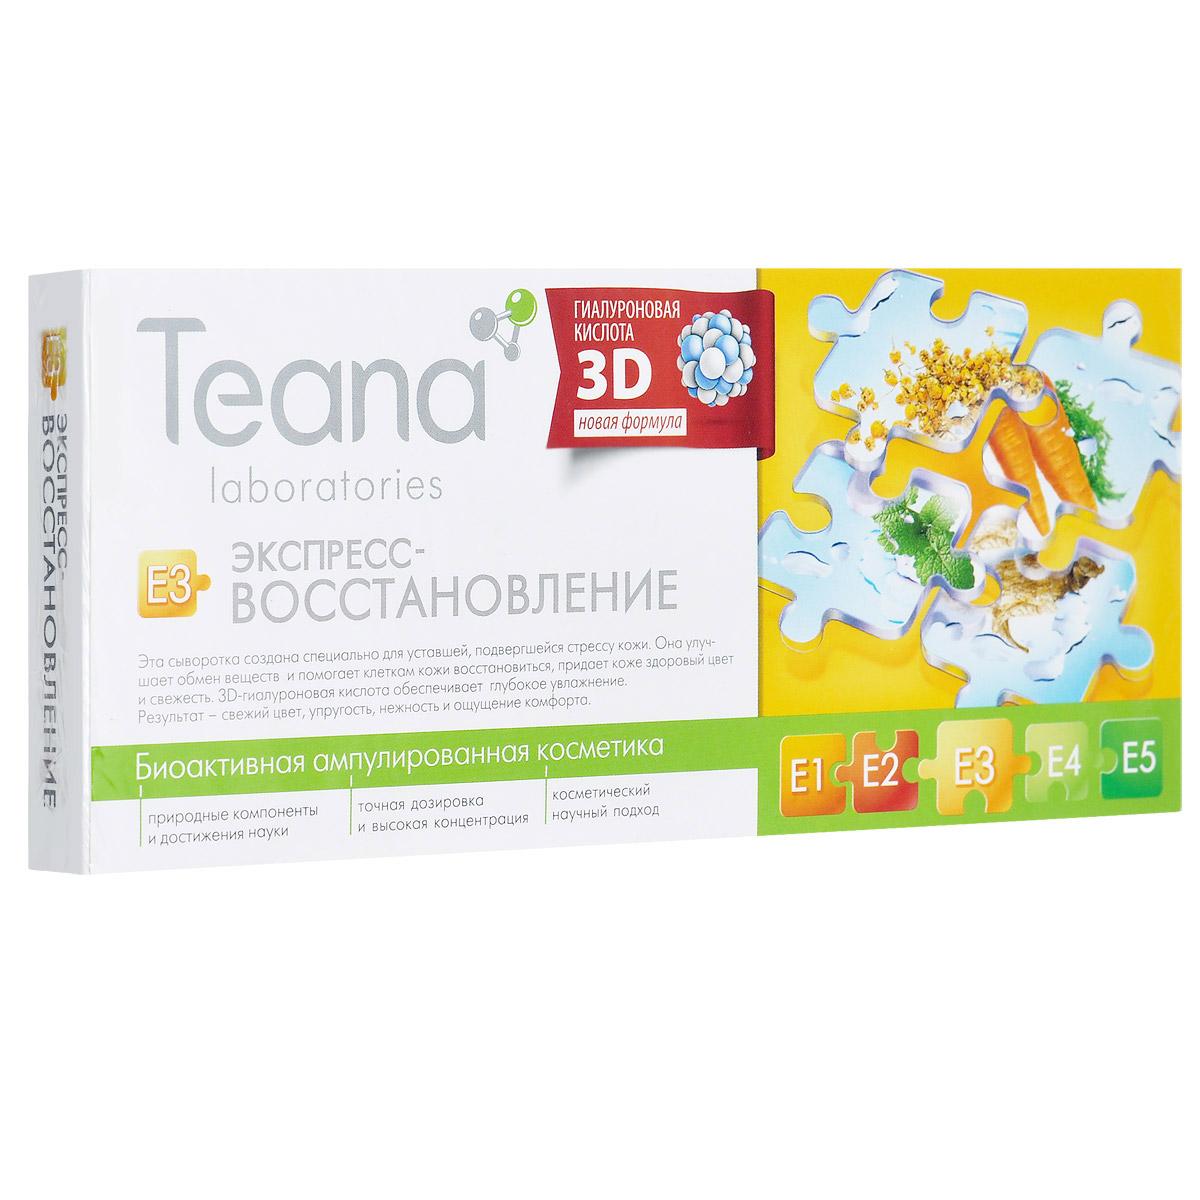 Teana Концентрат для лица Экстренное восстановление, 10 ампул1016